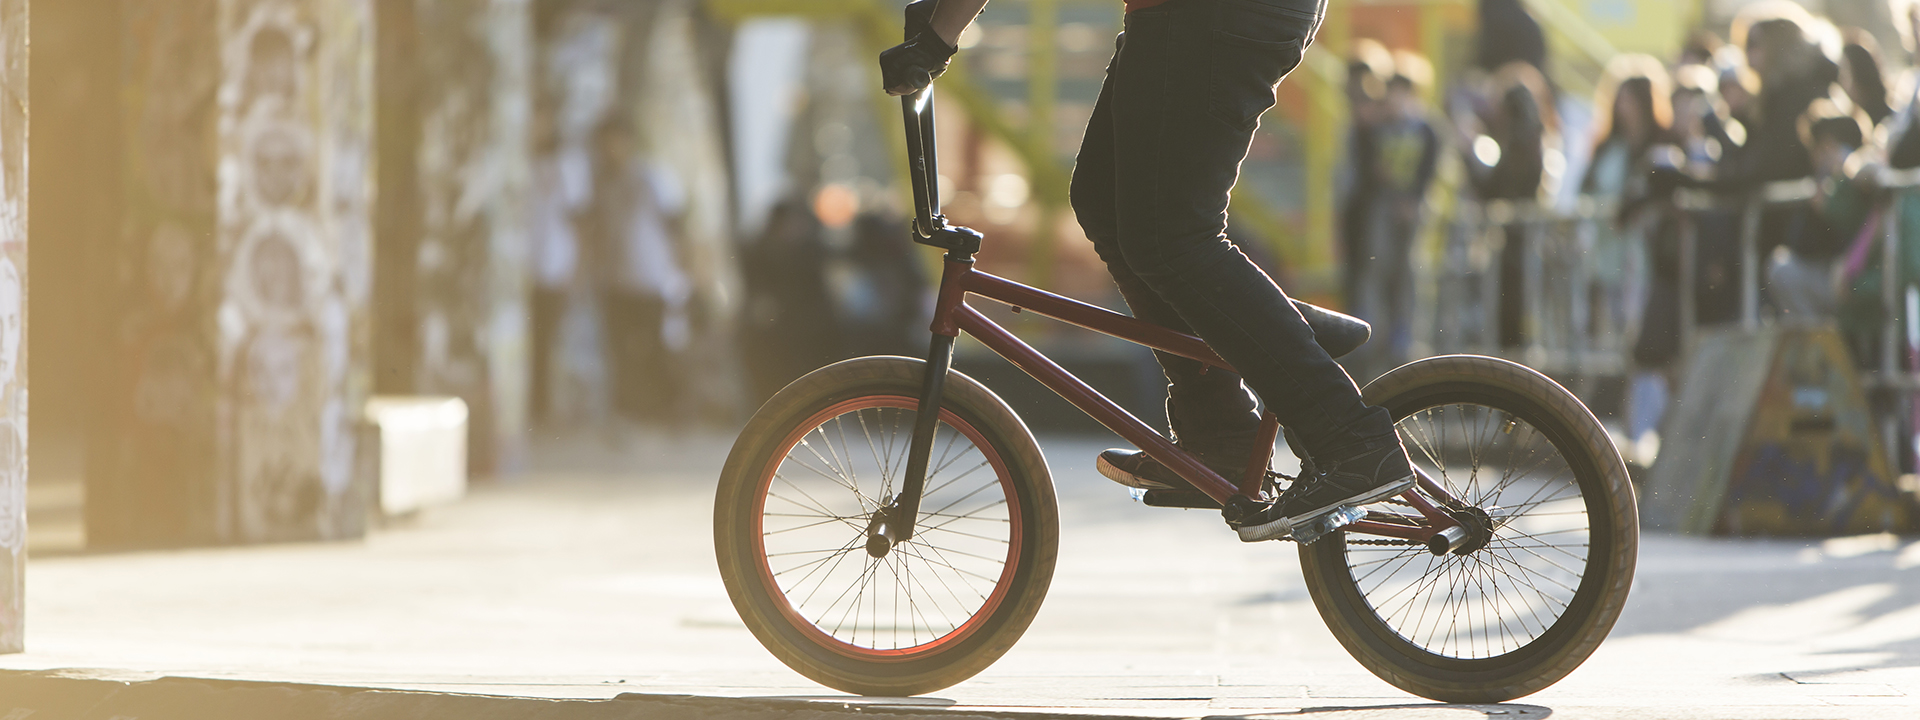 Фото трюкового велосипеда BMX в деле